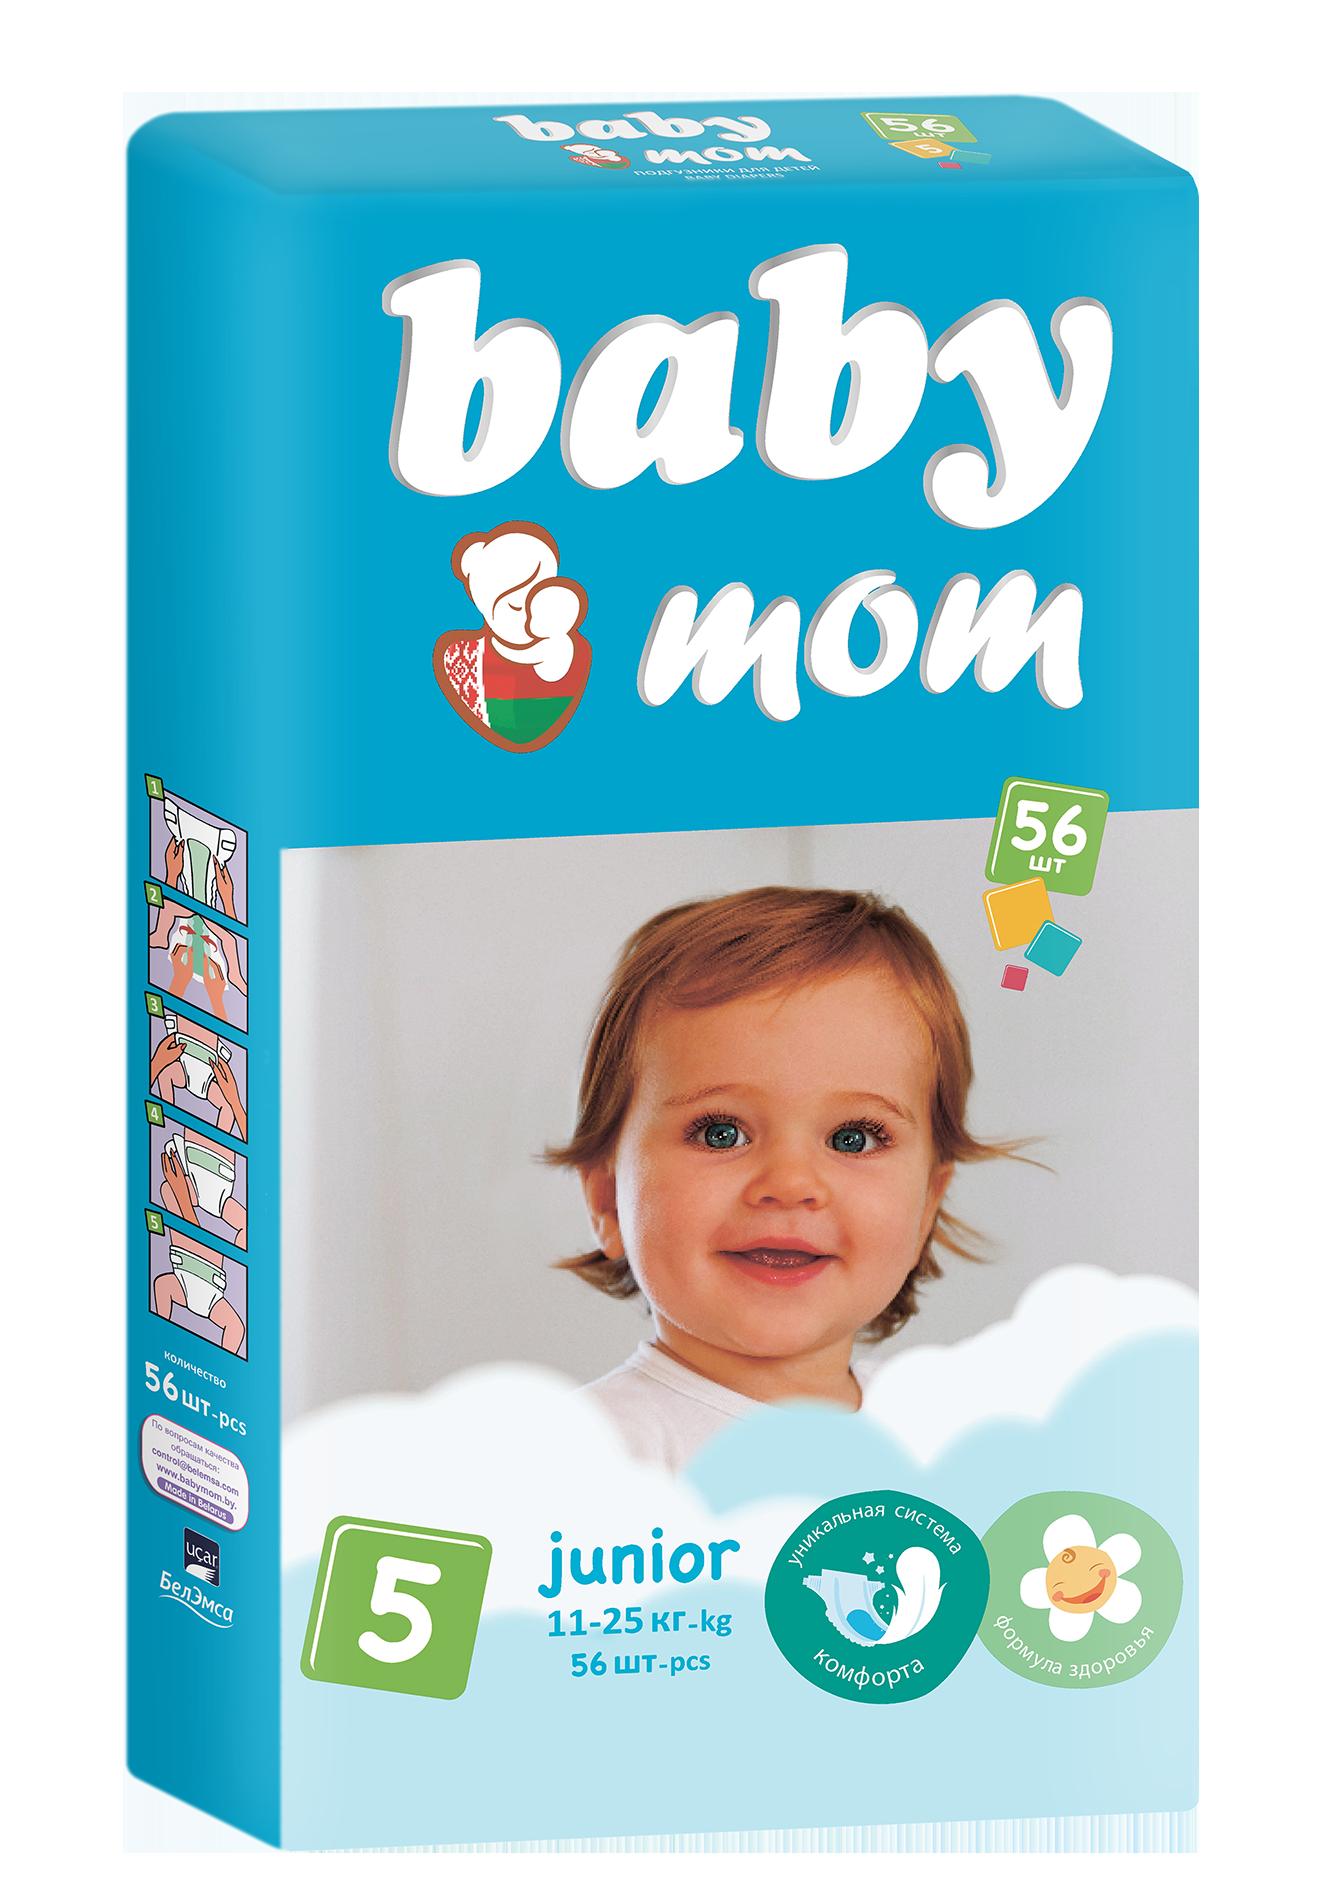 Подгузники Senso BABY MOM, размер Junior, от 11 кг. до 25 кг., 56 шт.